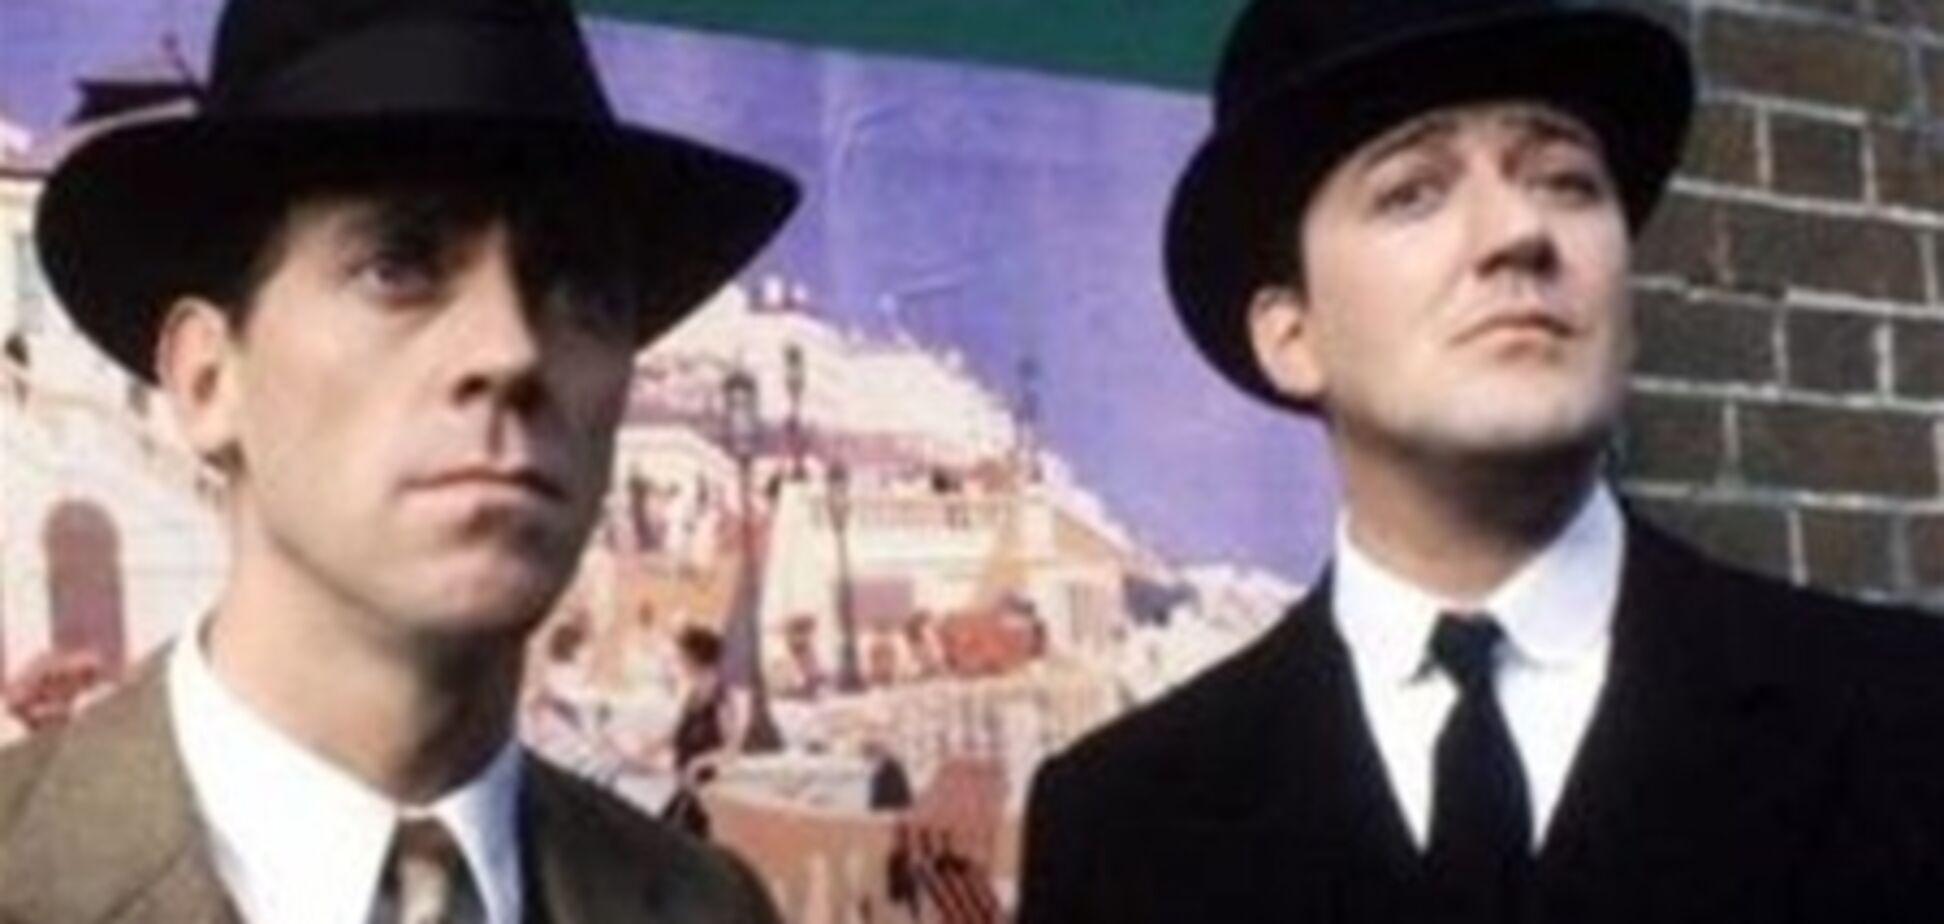 Хью Лори и Стивен Фрай планируют воссоединится в новом шоу